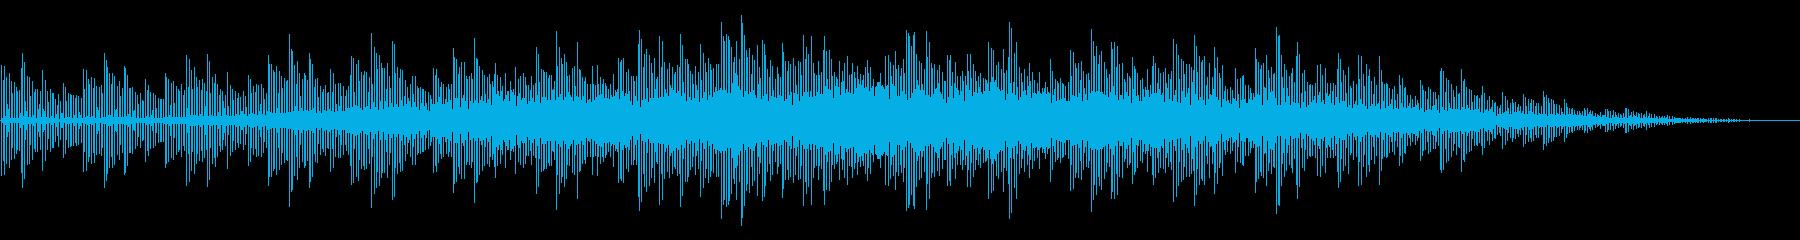 ニュースの背後で流れるような抽象的BGMの再生済みの波形